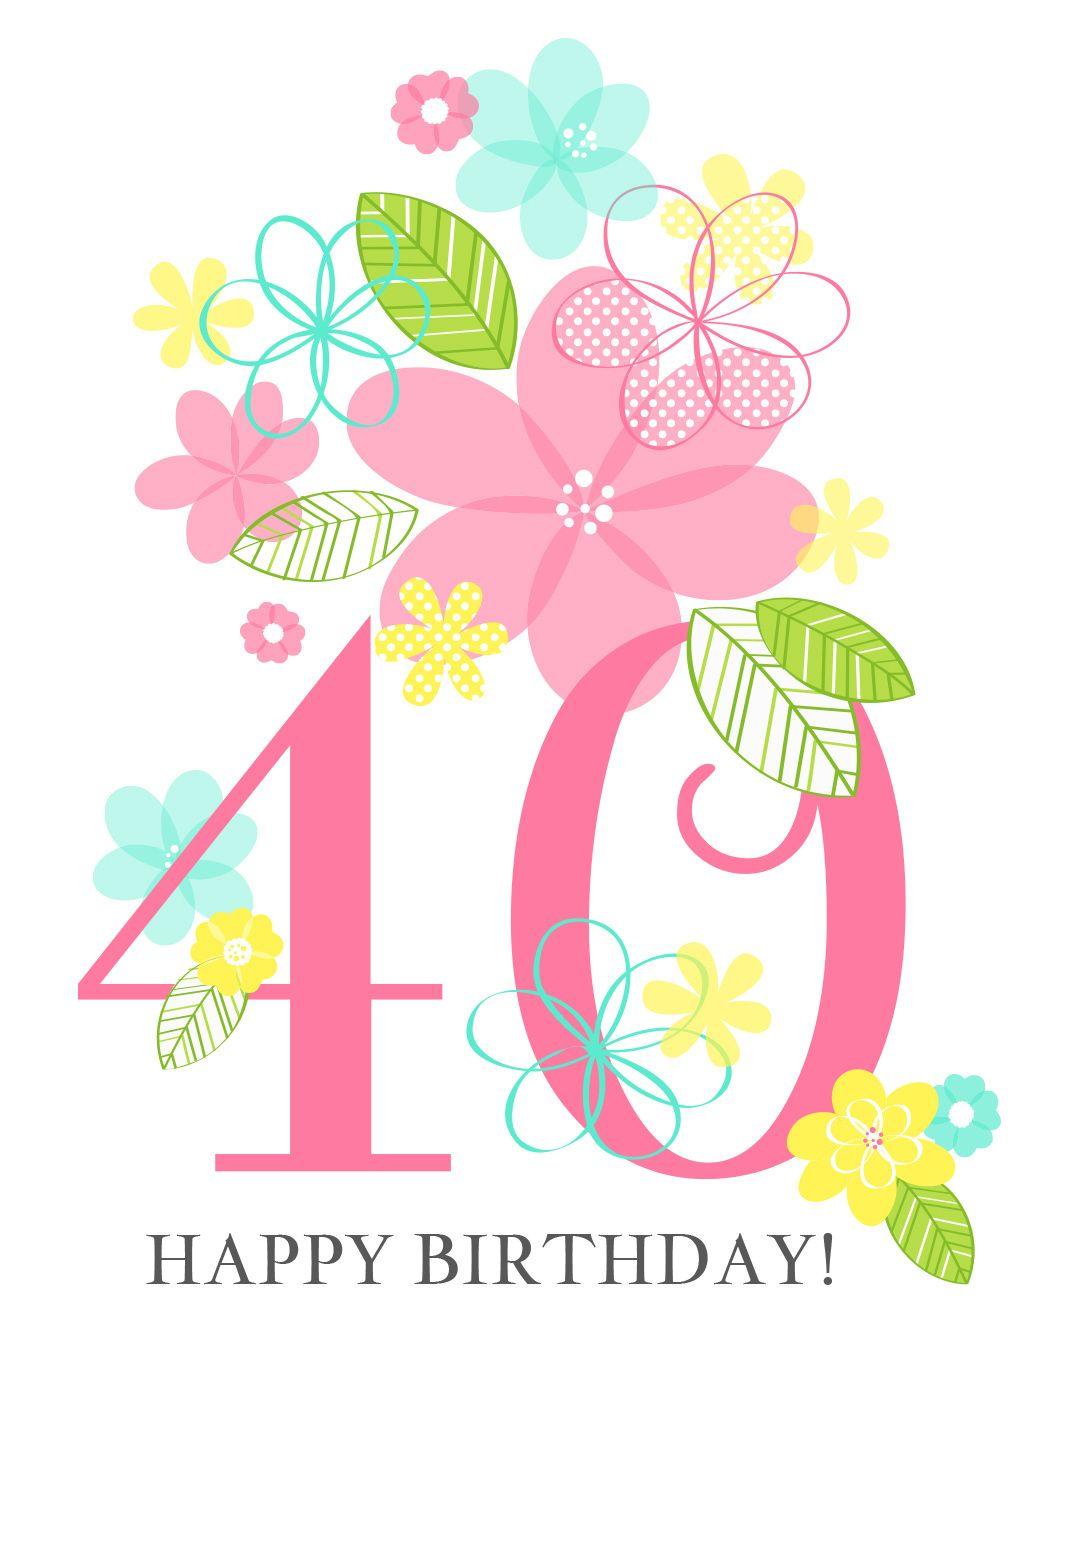 Floral ladies 40th free printable birthday card greetings island floral ladies 40th free printable birthday card greetings island m4hsunfo